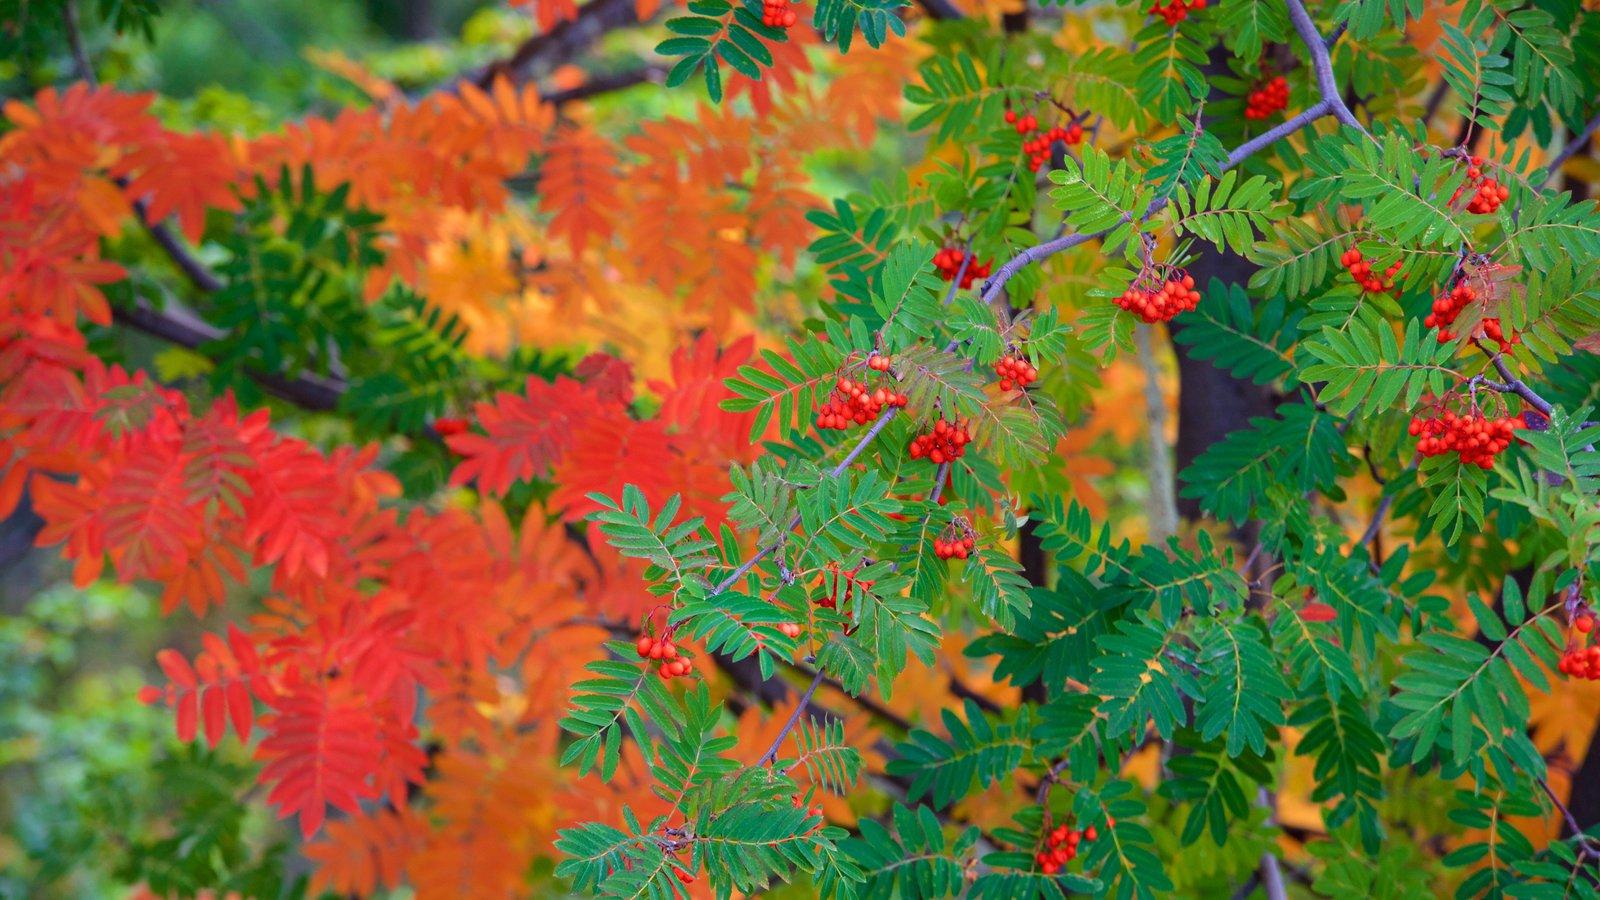 Bariloche caracterizando florestas e cores do outono